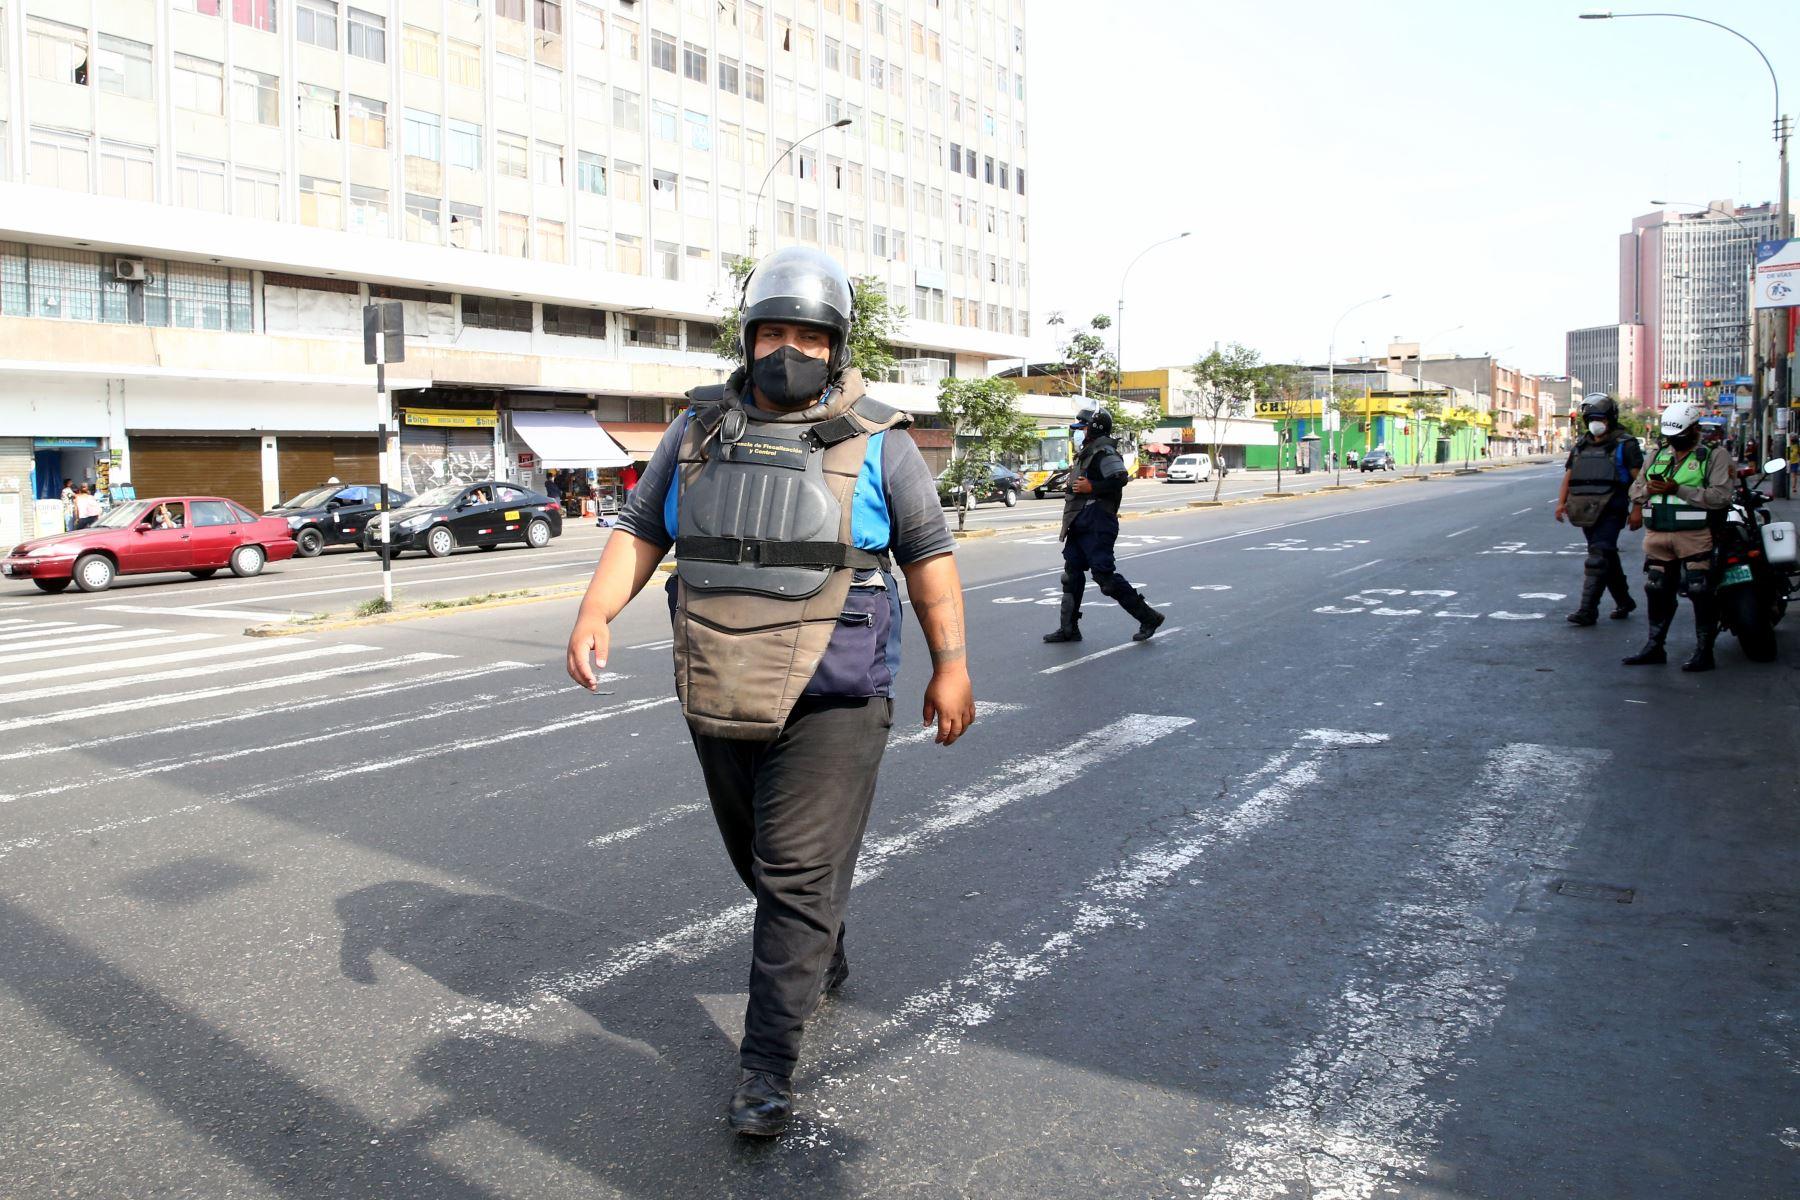 Hoy es el último día de la cuarentena establecida por el Gobierno para enfrentar el covid-19 en Lima Metropolitana, el Callao y demás provincias consideradas en nivel de alerta extremo. Imagen de la Av. Abancay. Foto: ANDINA/Vidal Tarqui